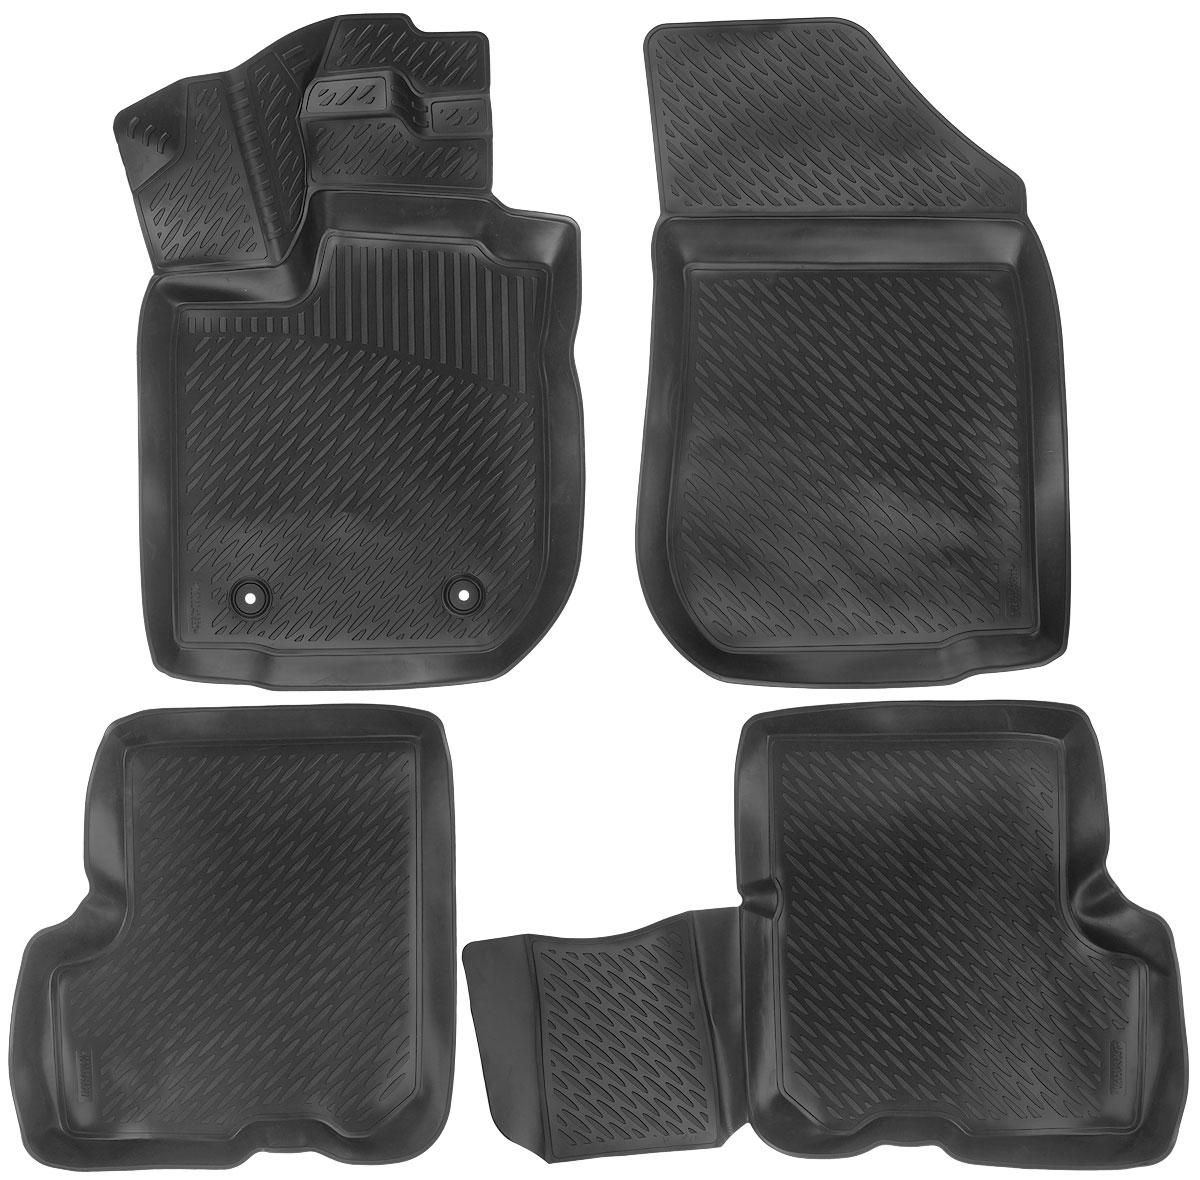 Набор автомобильных ковриков L.Locker Renault Logan 2013, в салон, 4 штAL-350Набор L.Locker Renault Logan 2013, изготовленный из полиуретана, состоит из 4 антискользящих 3D ковриков, которые производятся индивидуально для каждой модели автомобиля. Изделие точно повторяет геометрию пола автомобиля, имеет высокий борт, обладает повышенной износоустойчивостью, лишено резкого запаха и сохраняет свои потребительские свойства в широком диапазоне температур от -50°С до +50°С.Комплектация: 4 шт.Размер ковриков: 85 см х 54 см; 56,5 см х 60 см; 91 см х 59 см; 56 см х 84,5 см.